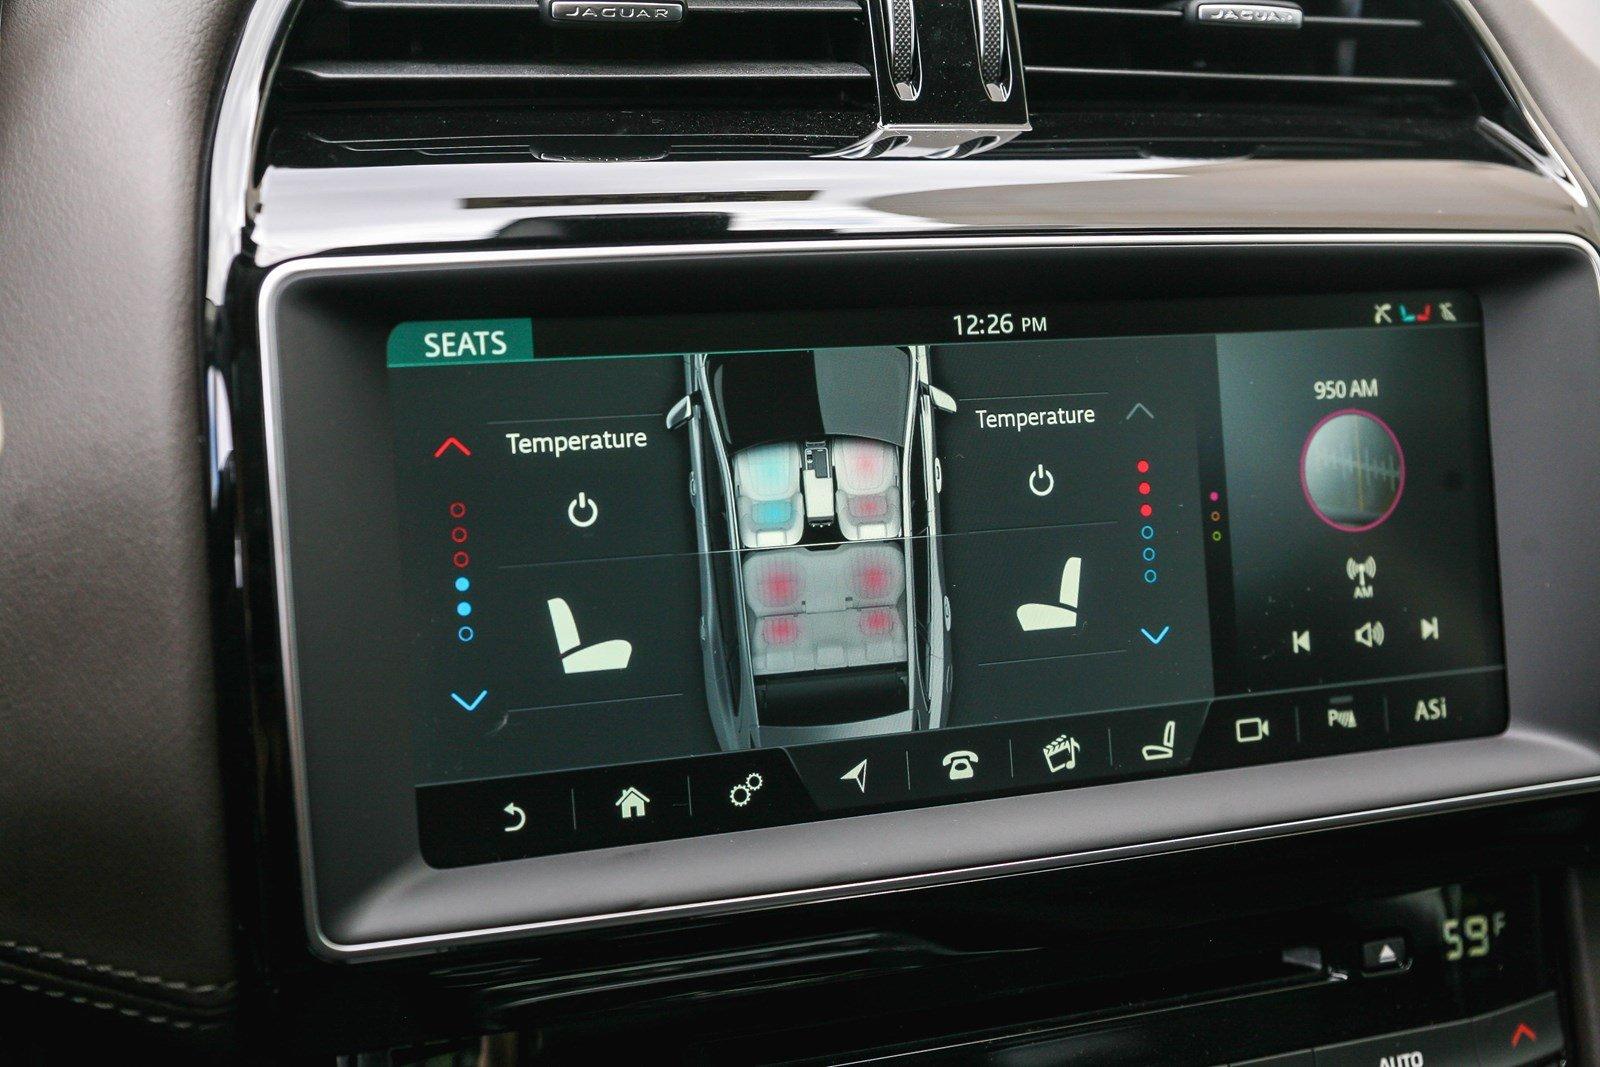 Xe Jaguar F-Pace 2.0 Phiên Bản 300 Mã Lực Màu Silicon Silver Bạc Ánh Kim Đời Mới 2019, New SUV F-Pace 2020 Si4 300hp bao nhiêu tiền khi về Việt Nam